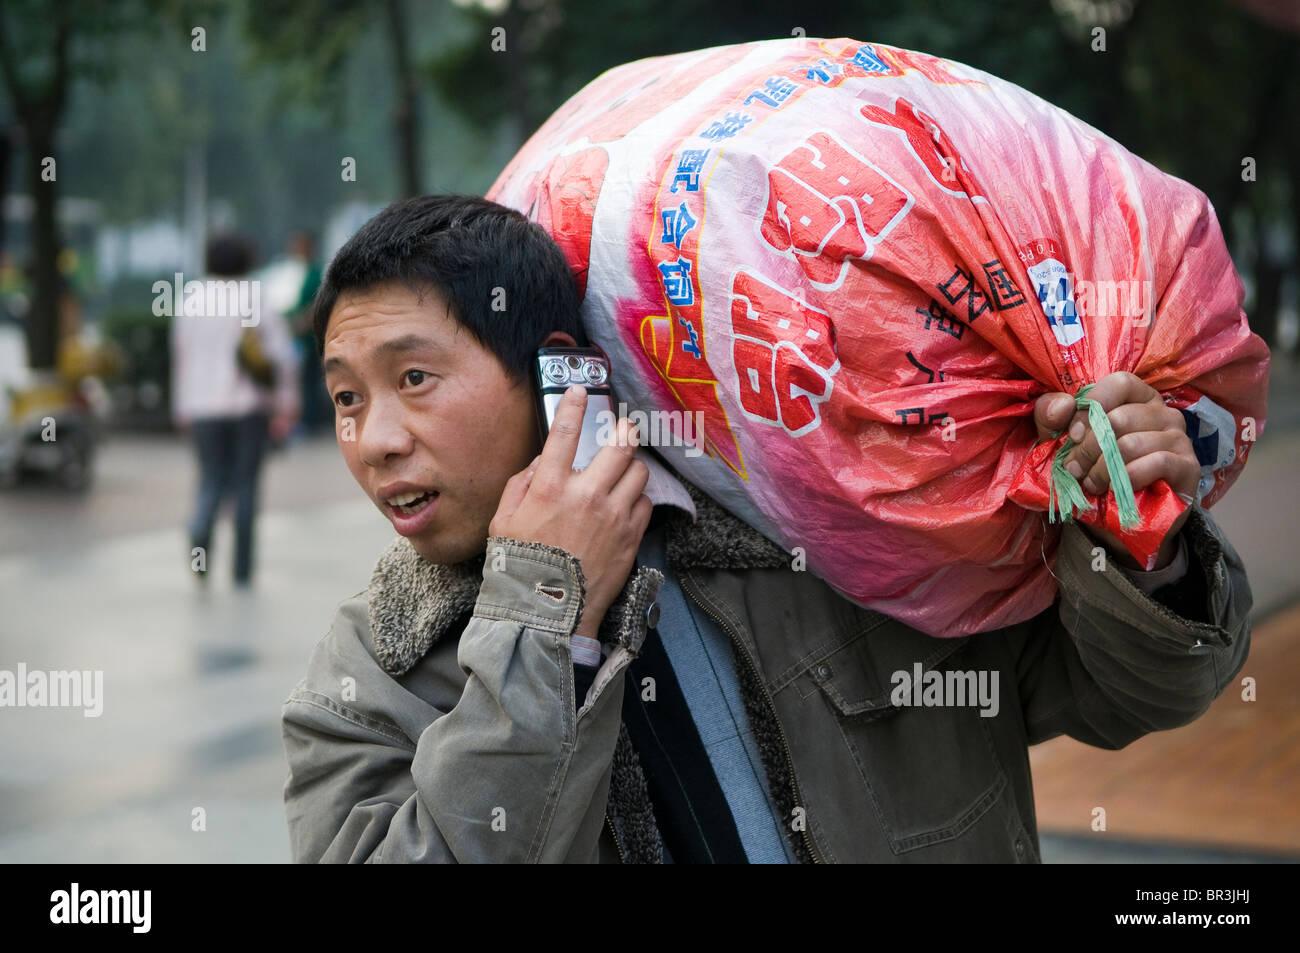 Arbeiter trägt schweren Sack während des Gesprächs auf Mobiltelefon, Chengdu, Sichuan Provine, China Stockbild